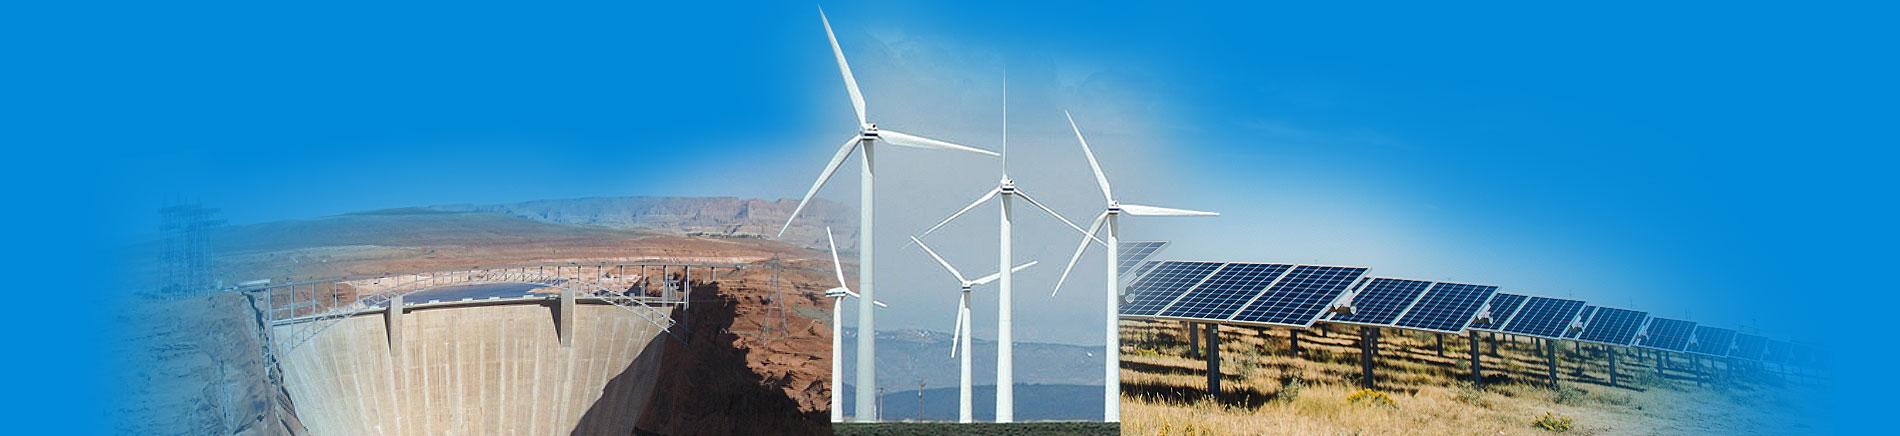 Noncarbon resources